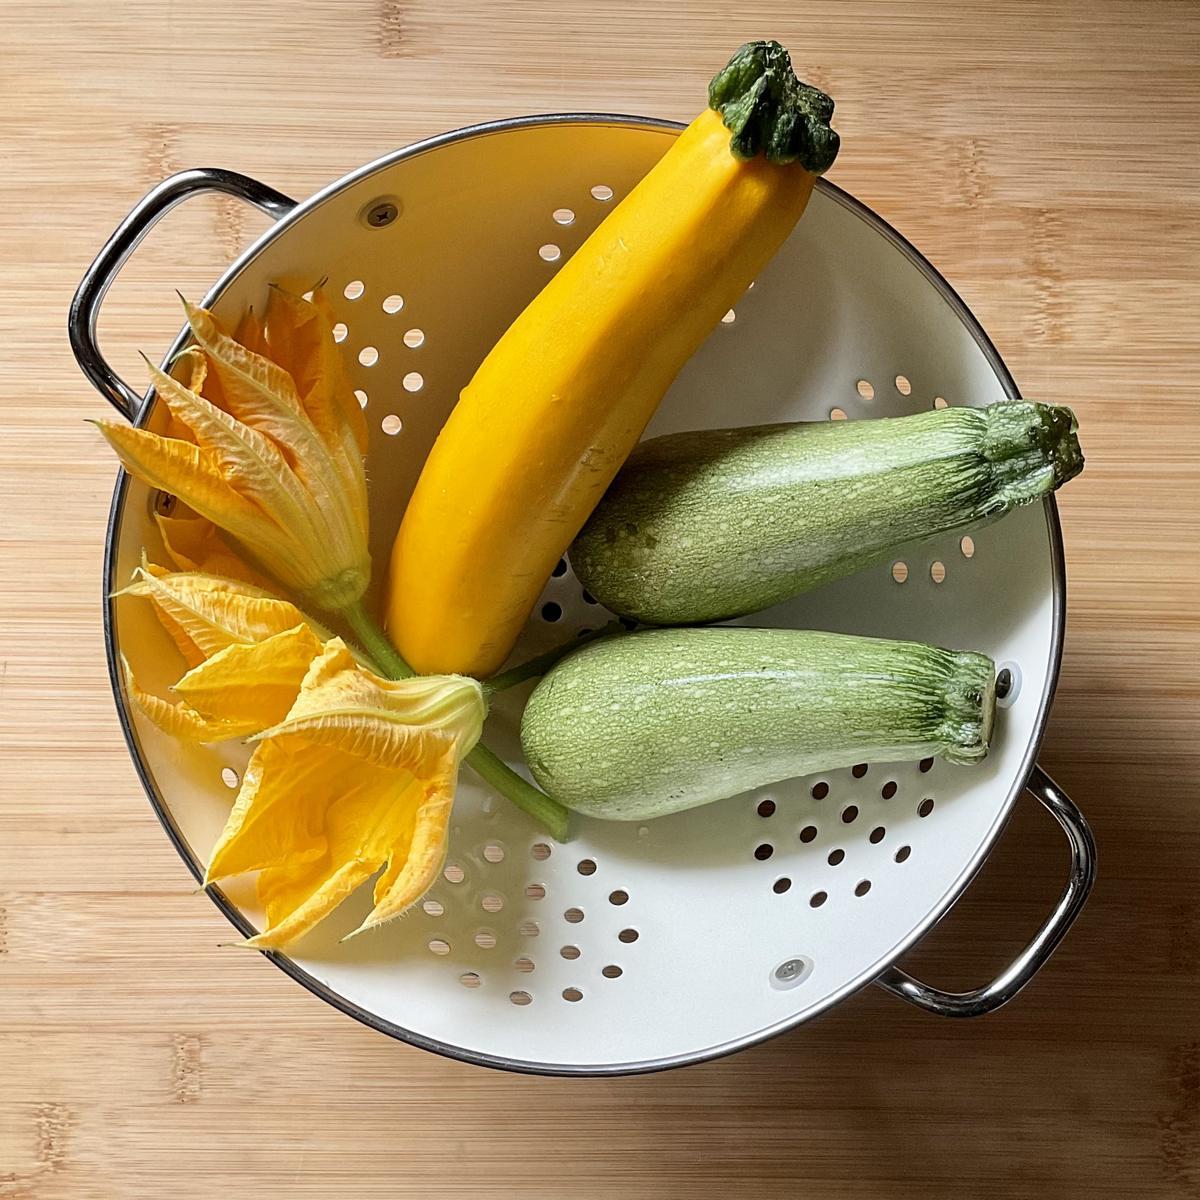 Zucchini in a colander.